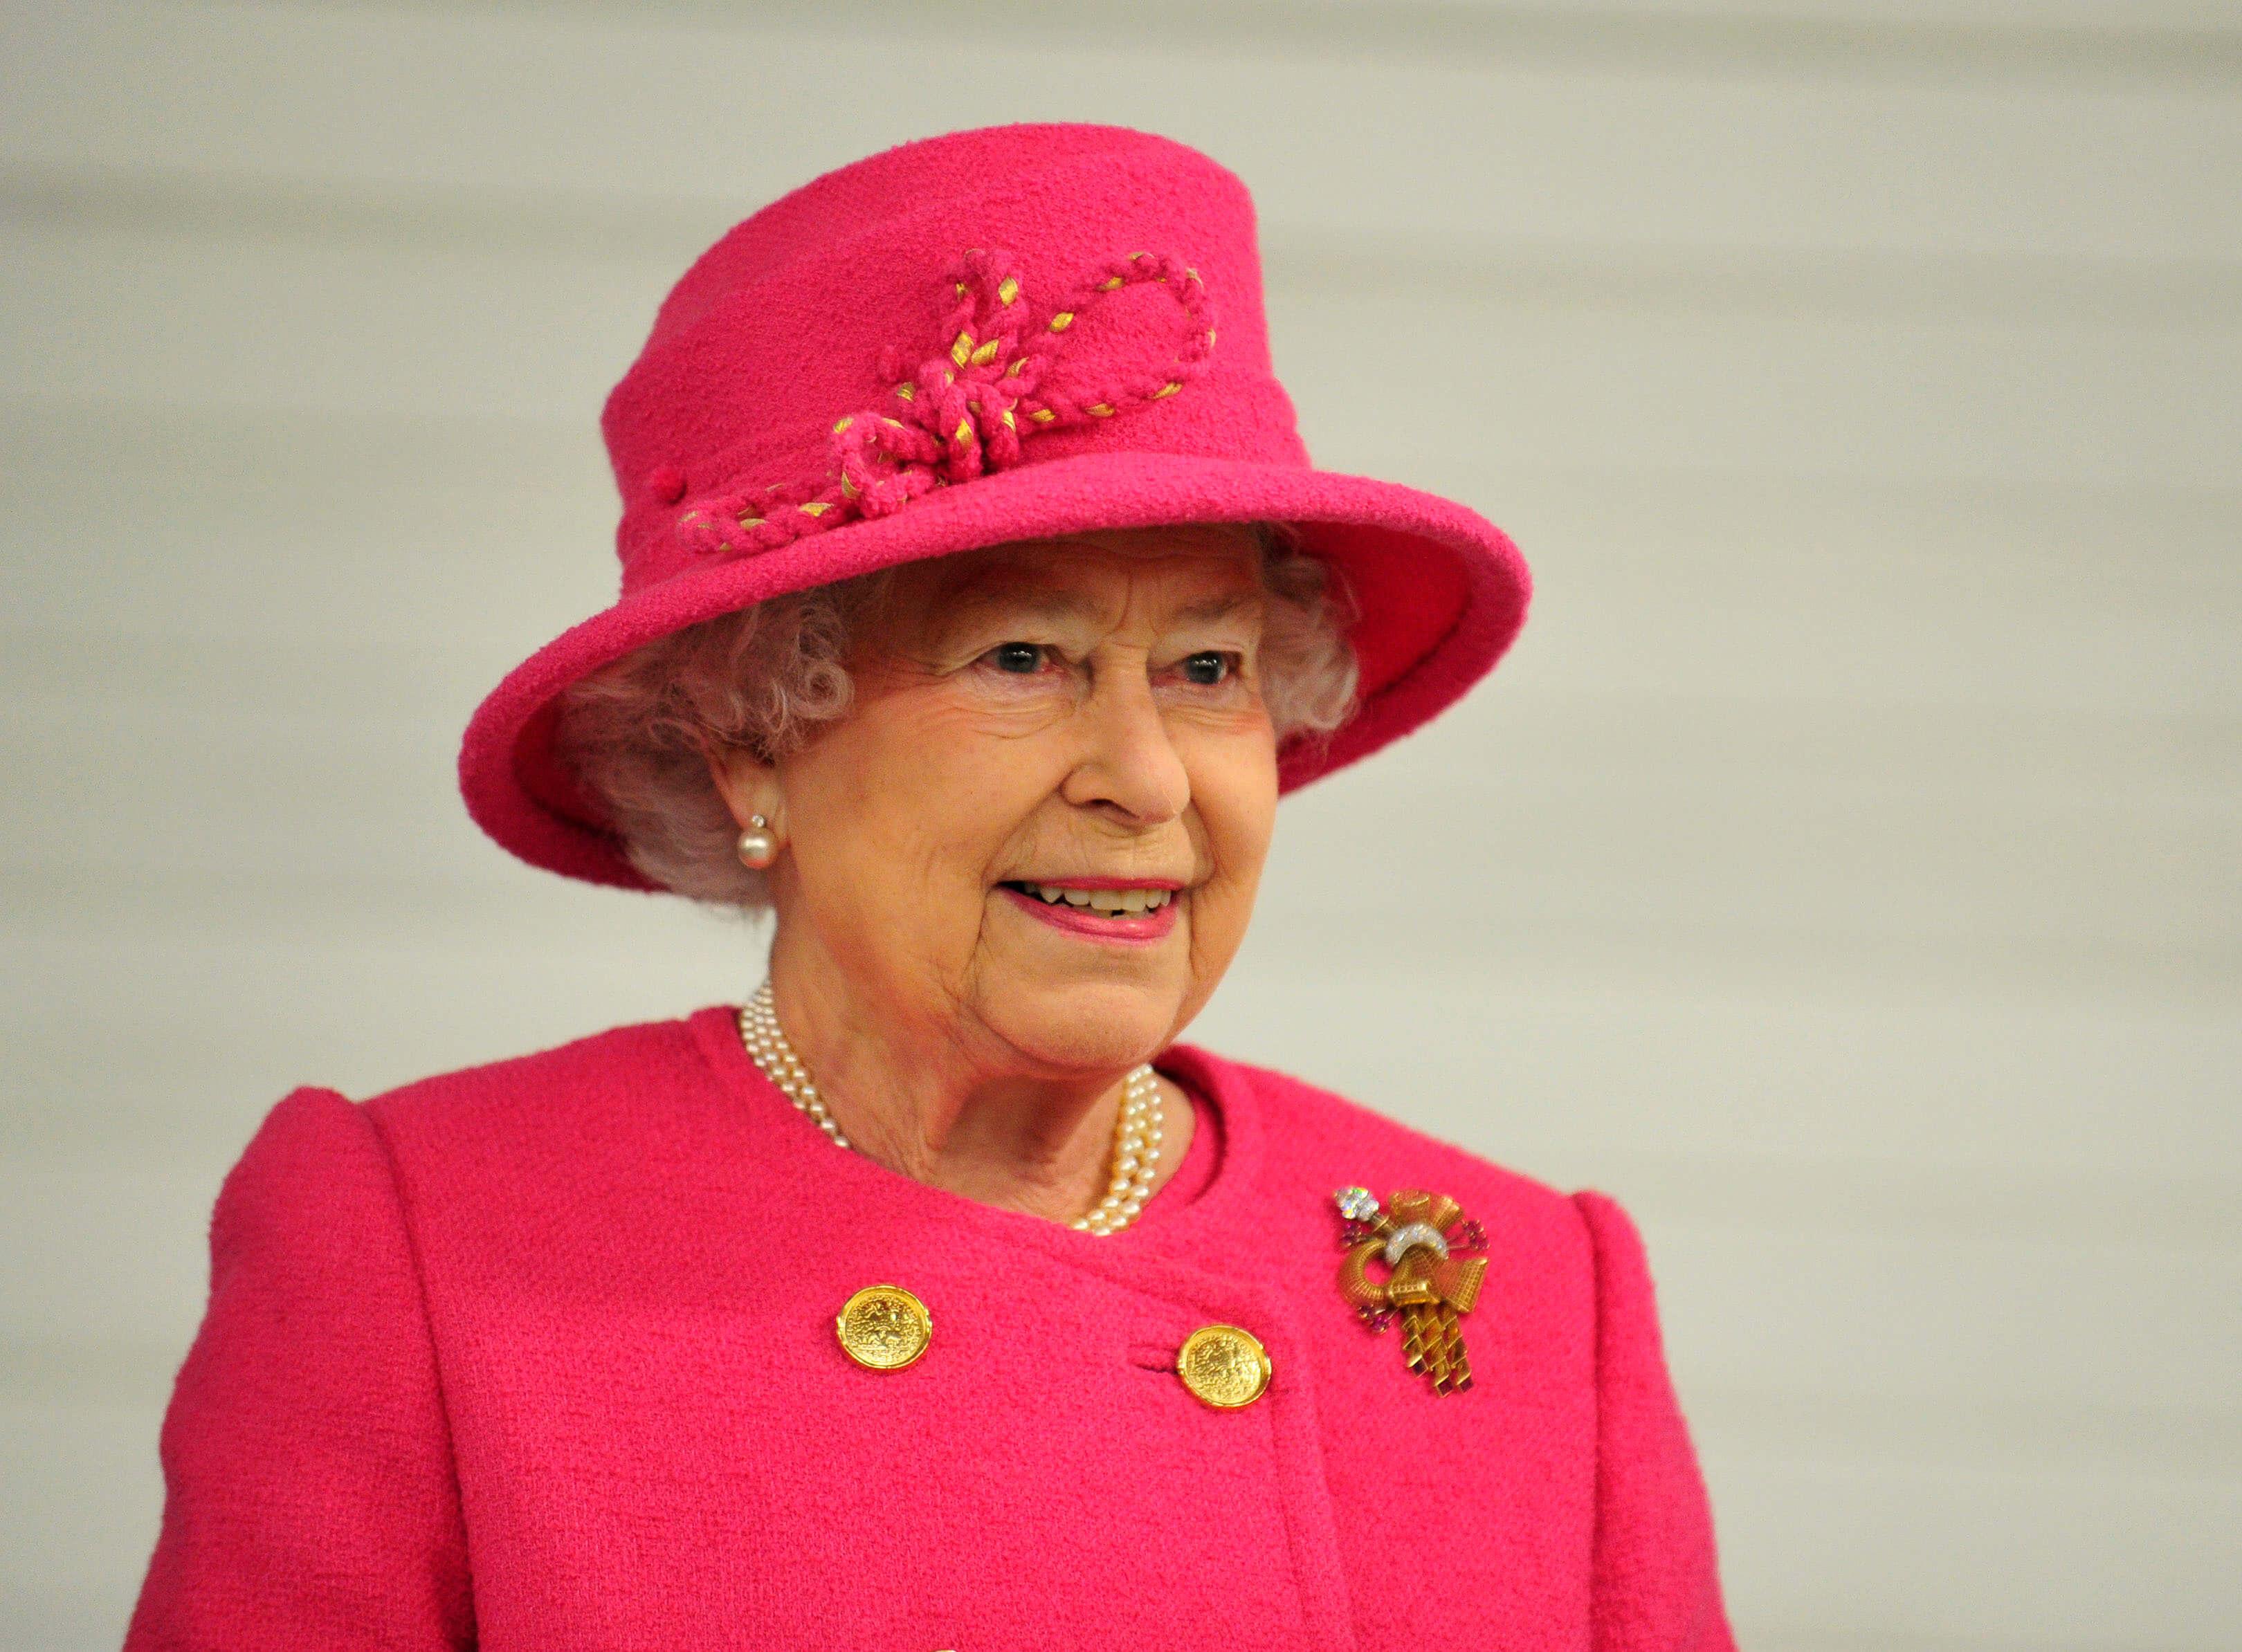 Royals und Corona: Liste der Erkrankten, Todesfälle und Geimpften